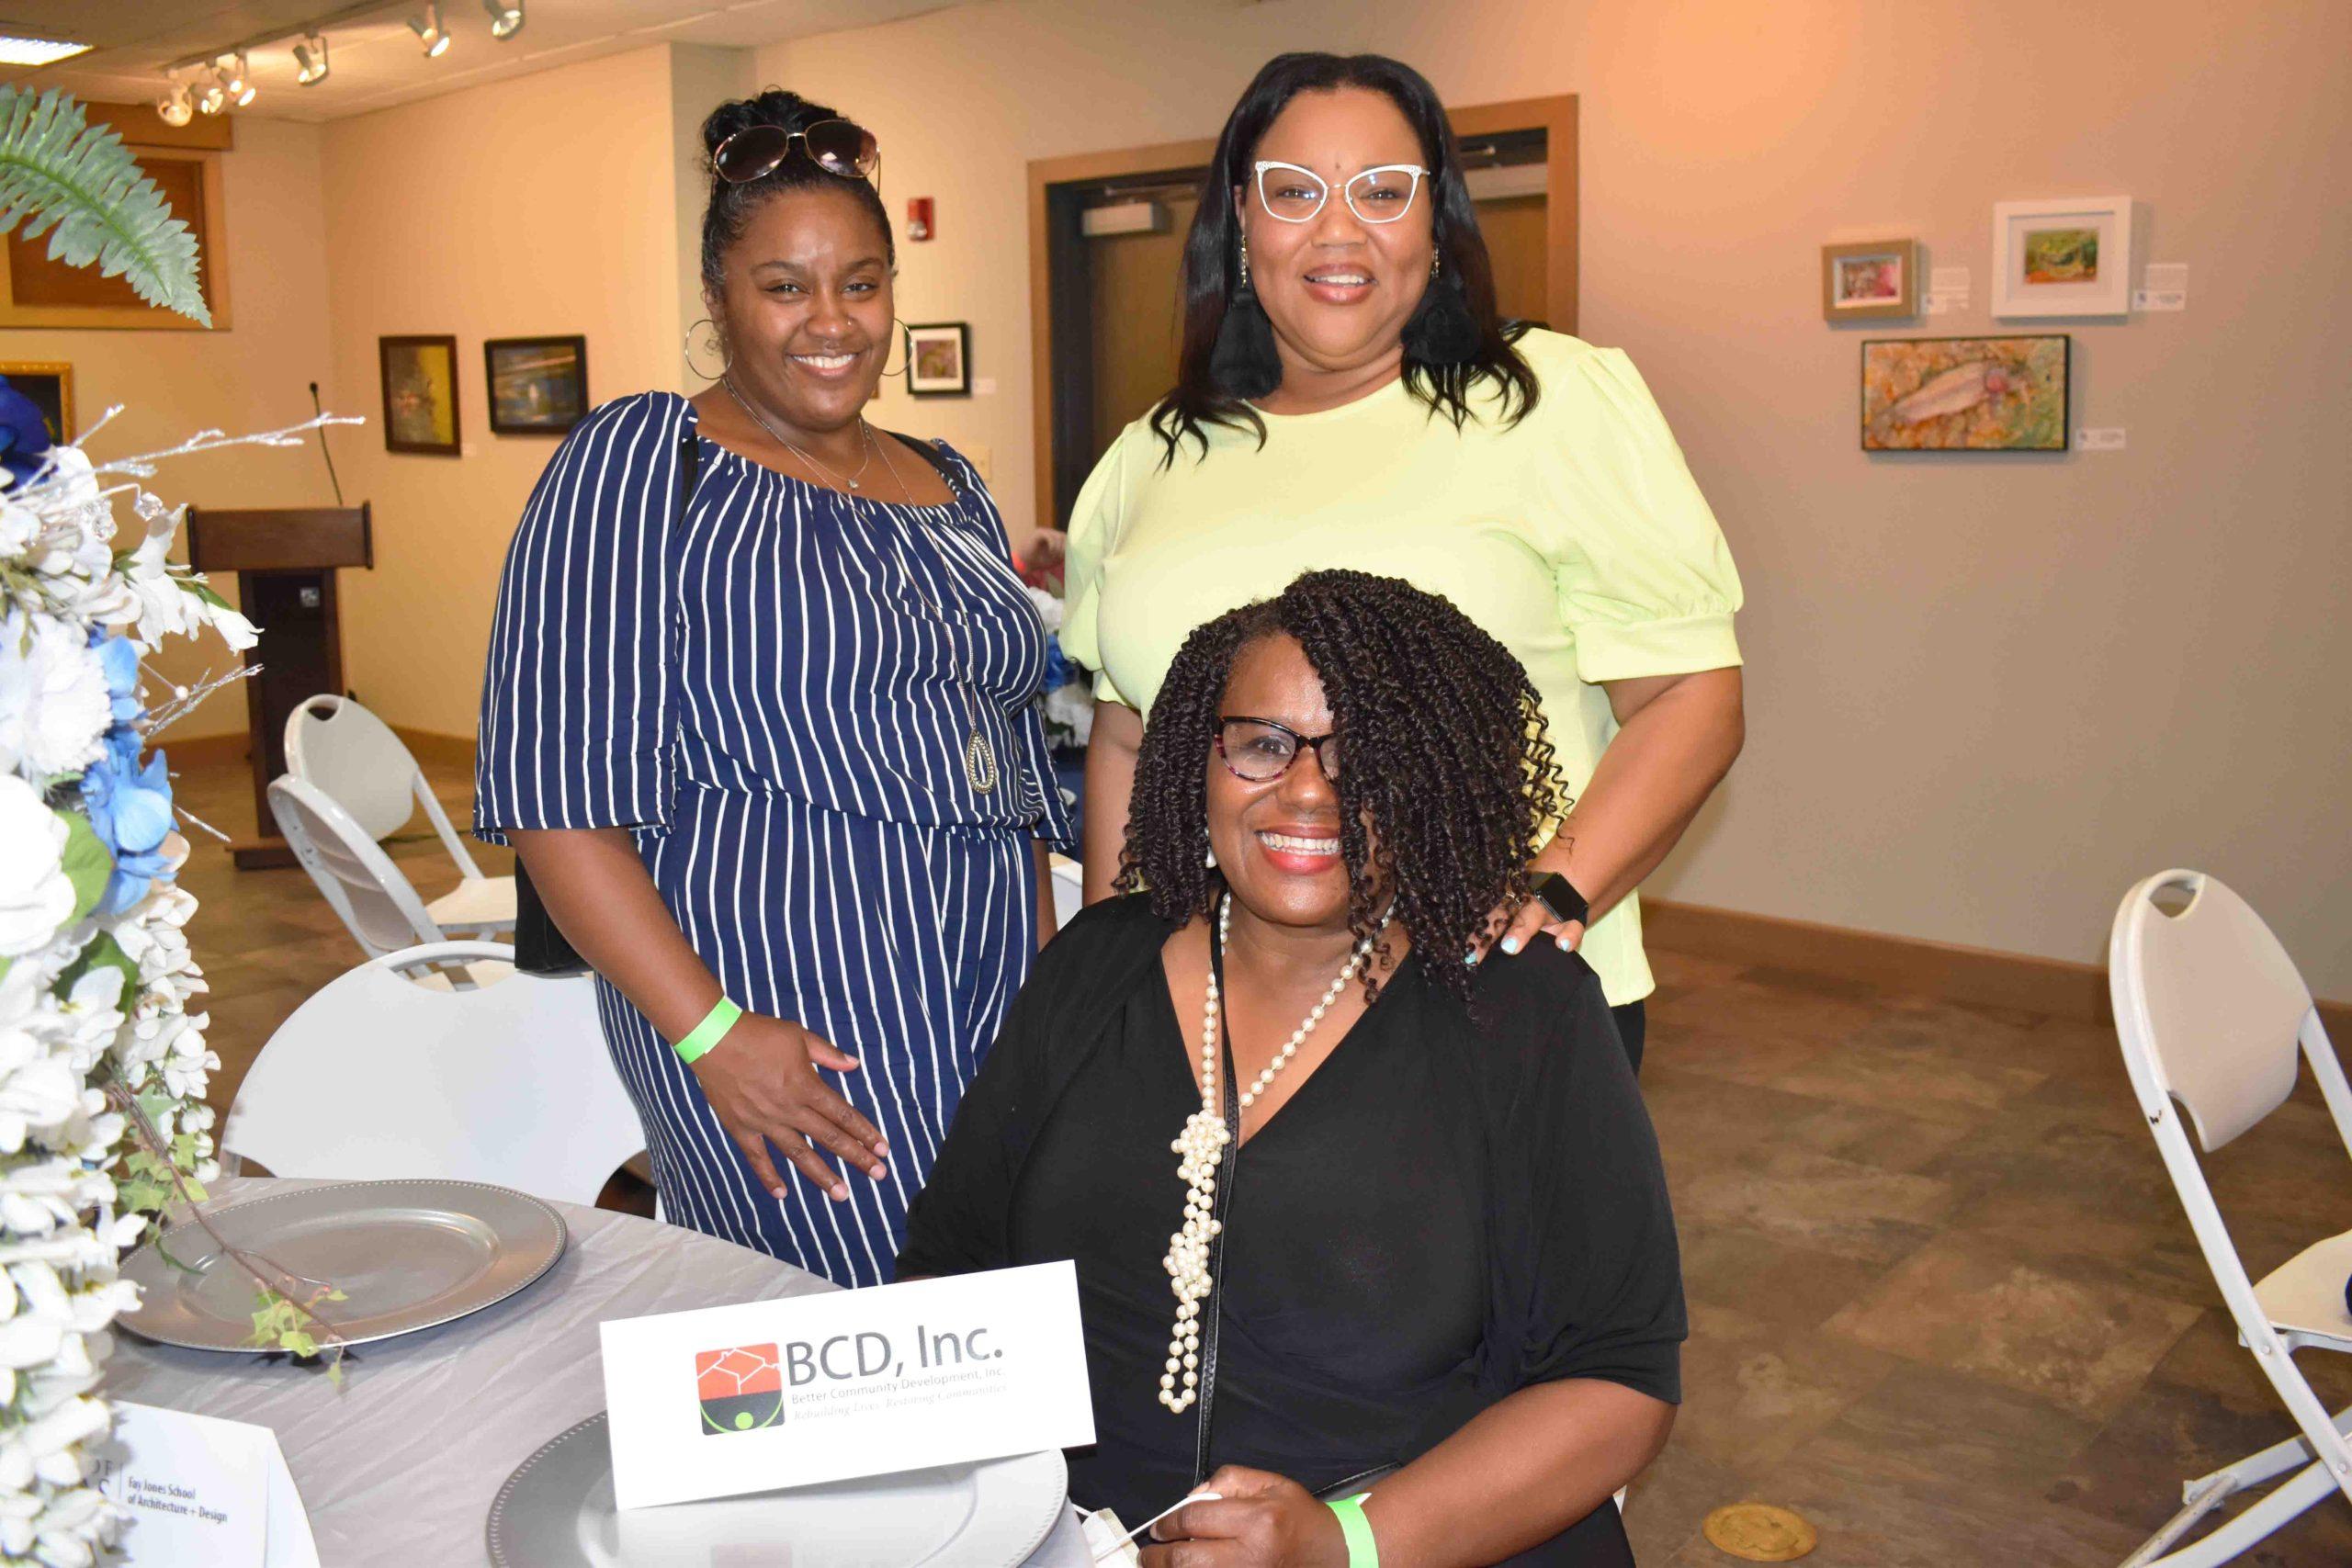 Songhai Nelson, Carleena Jones, Karen Robinson